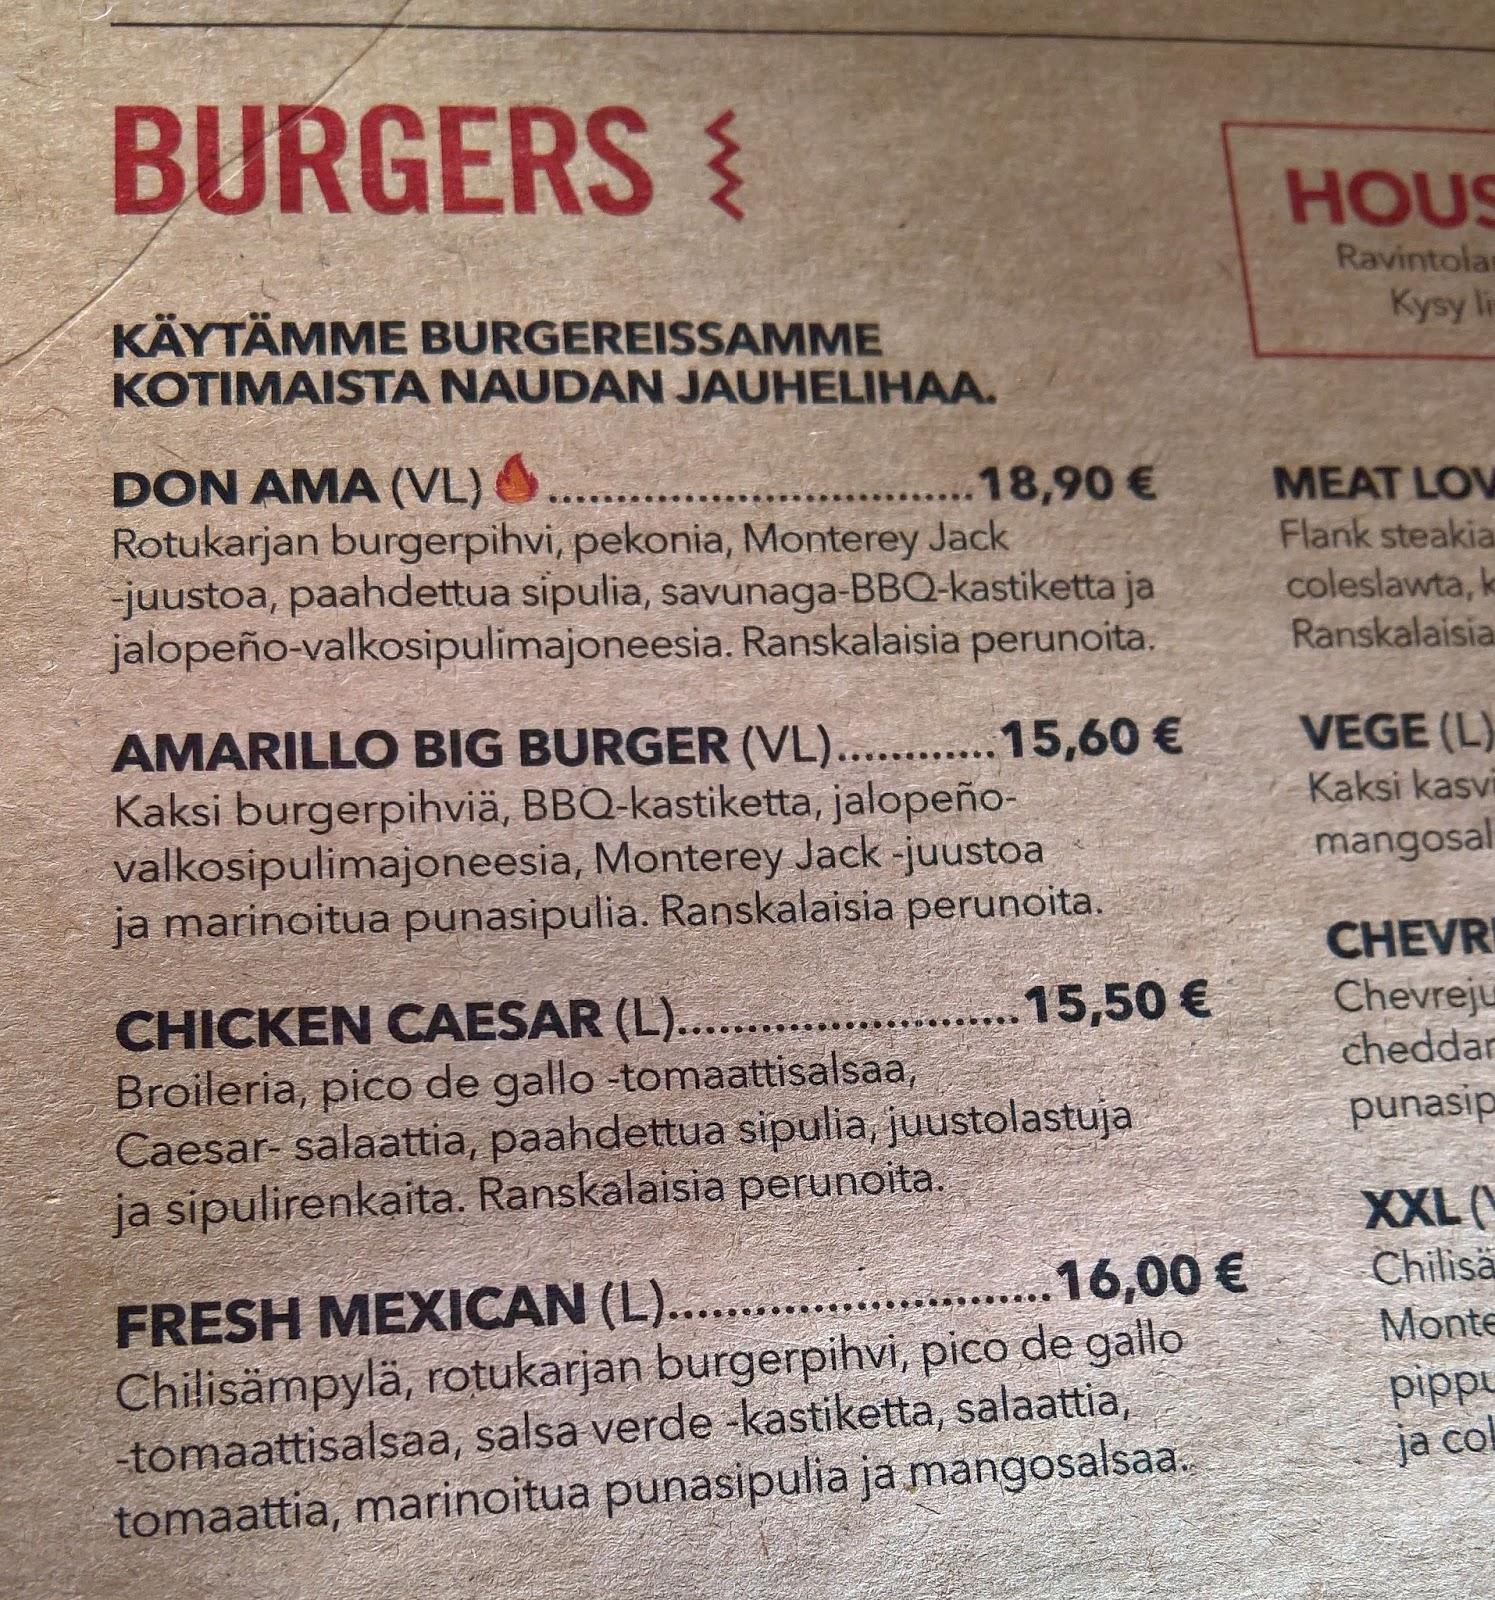 Amarillo burger hampurilaistesti Jyväskylän paras hampurilainen mallaspulla menu